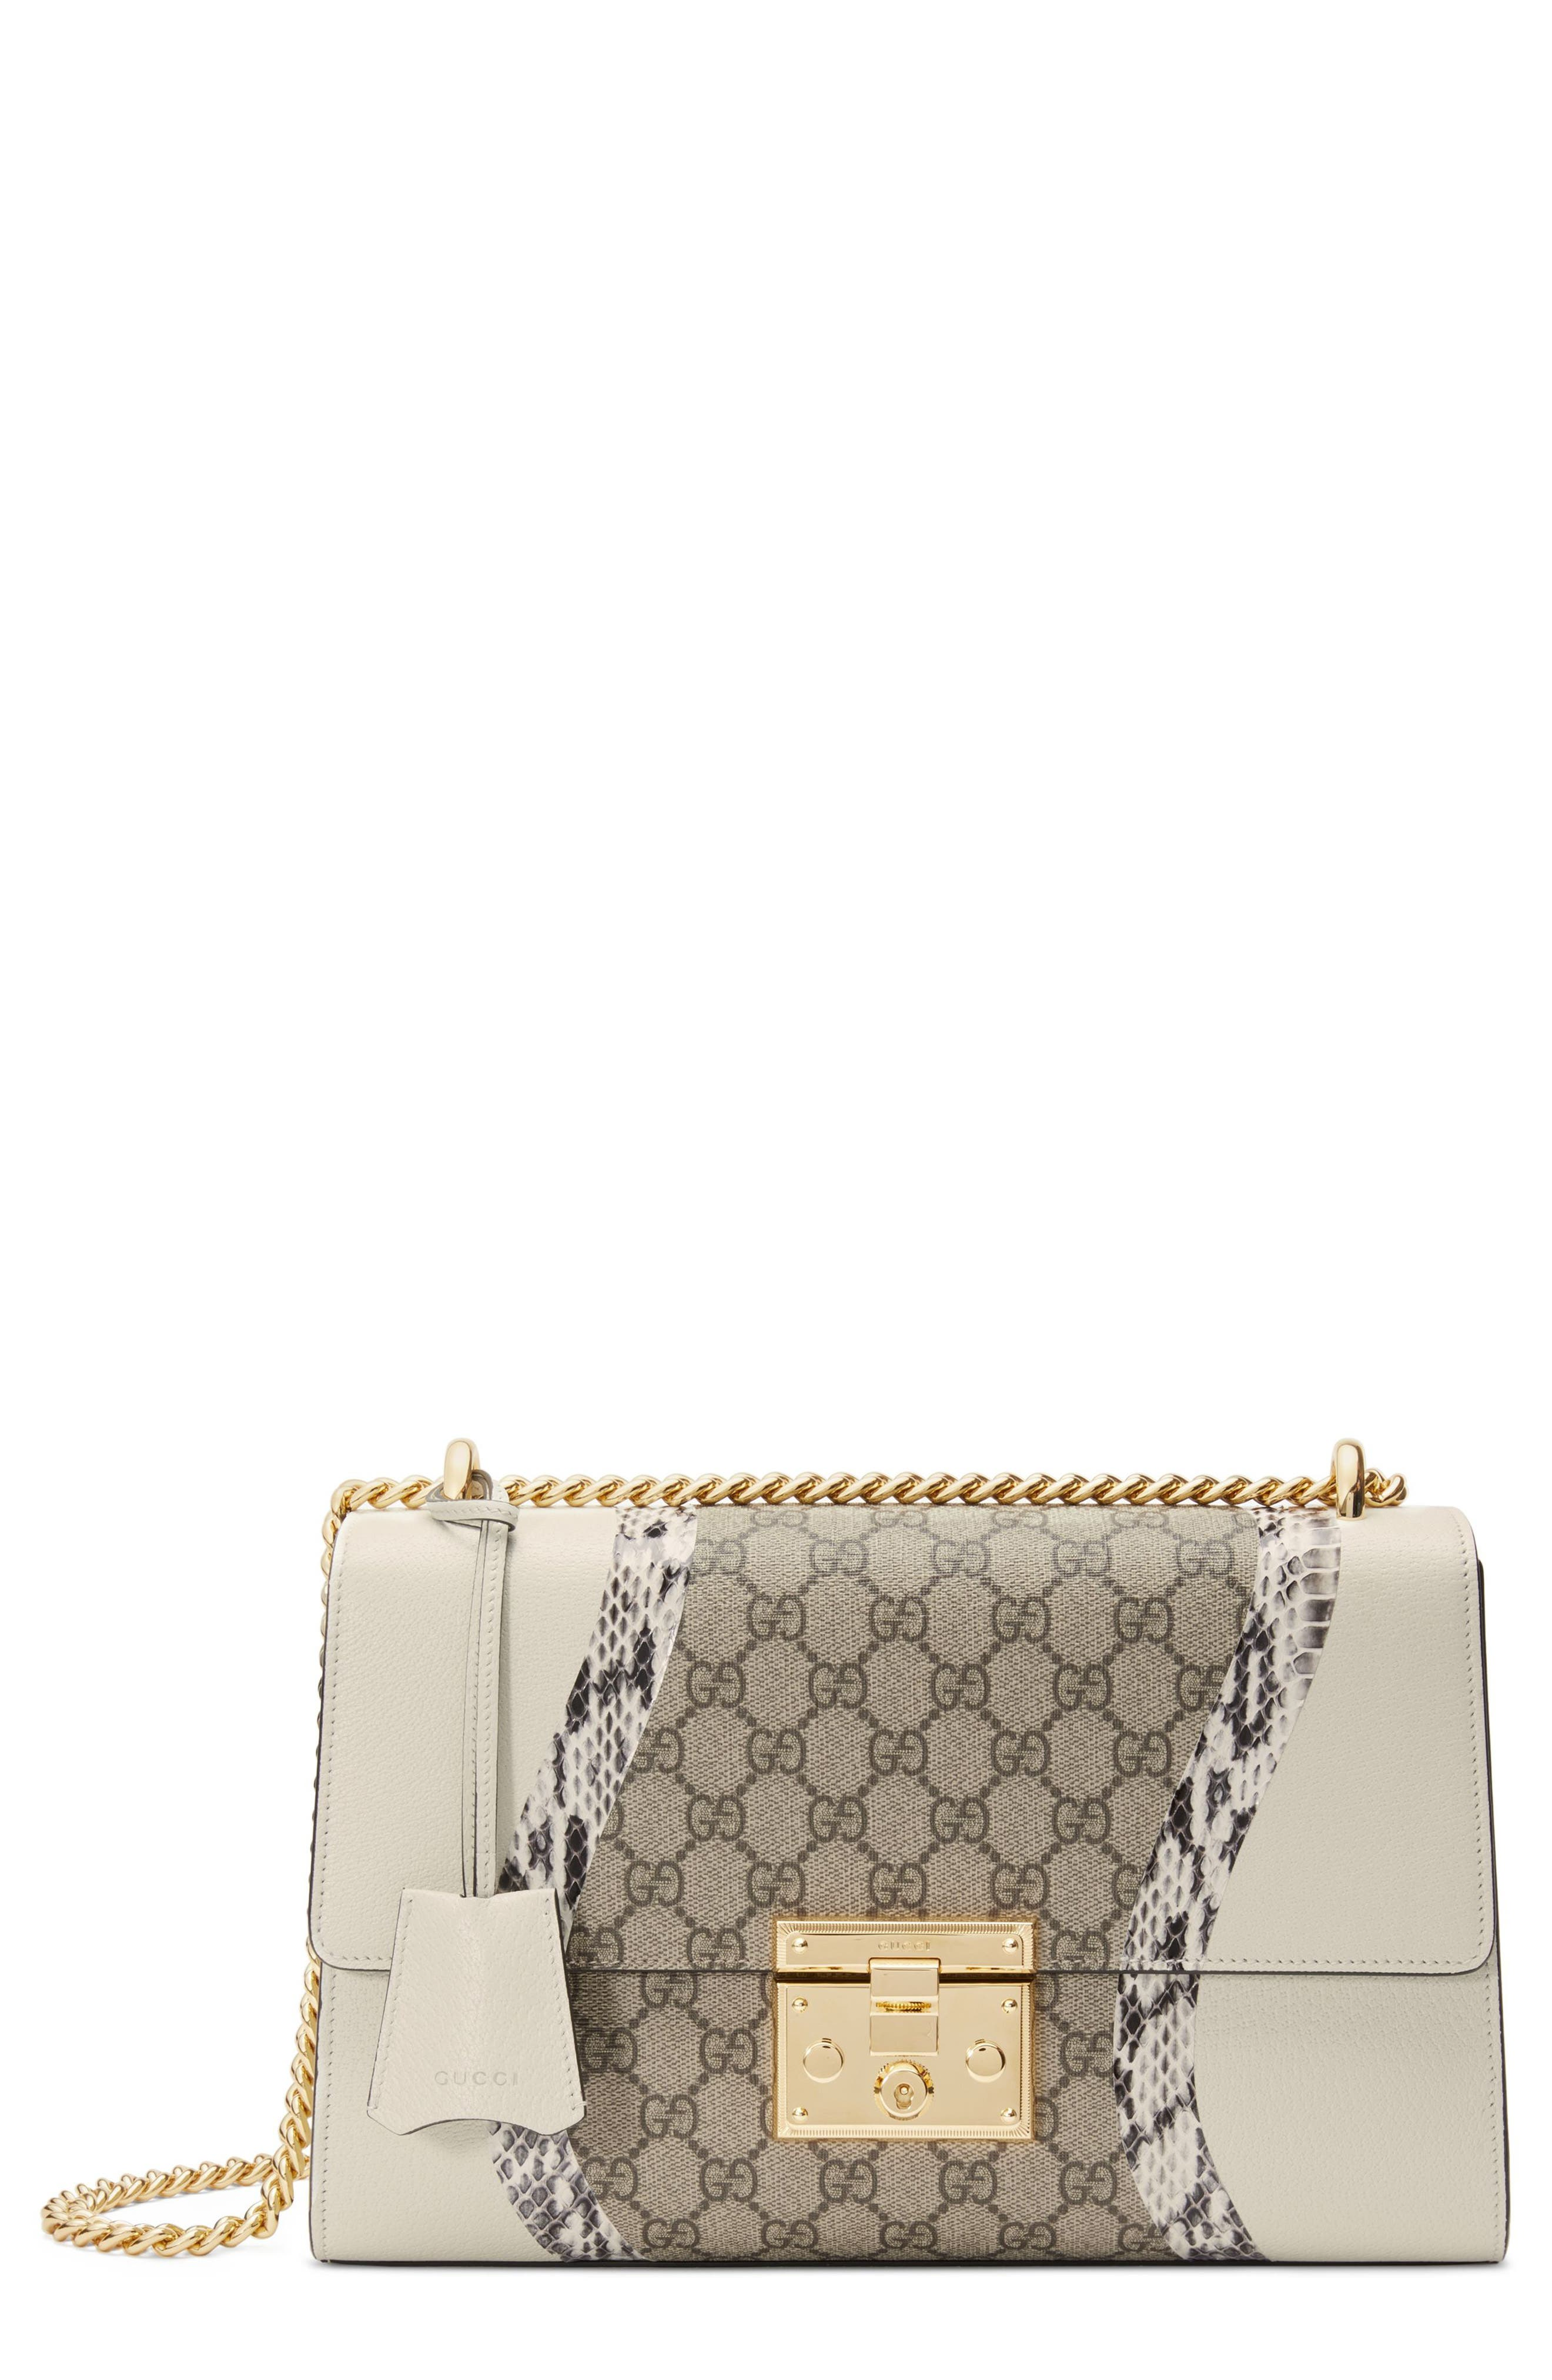 Gucci Medium Padlock GG Supreme Wave Shoulder Bag with Genuine Snakeskin Trim